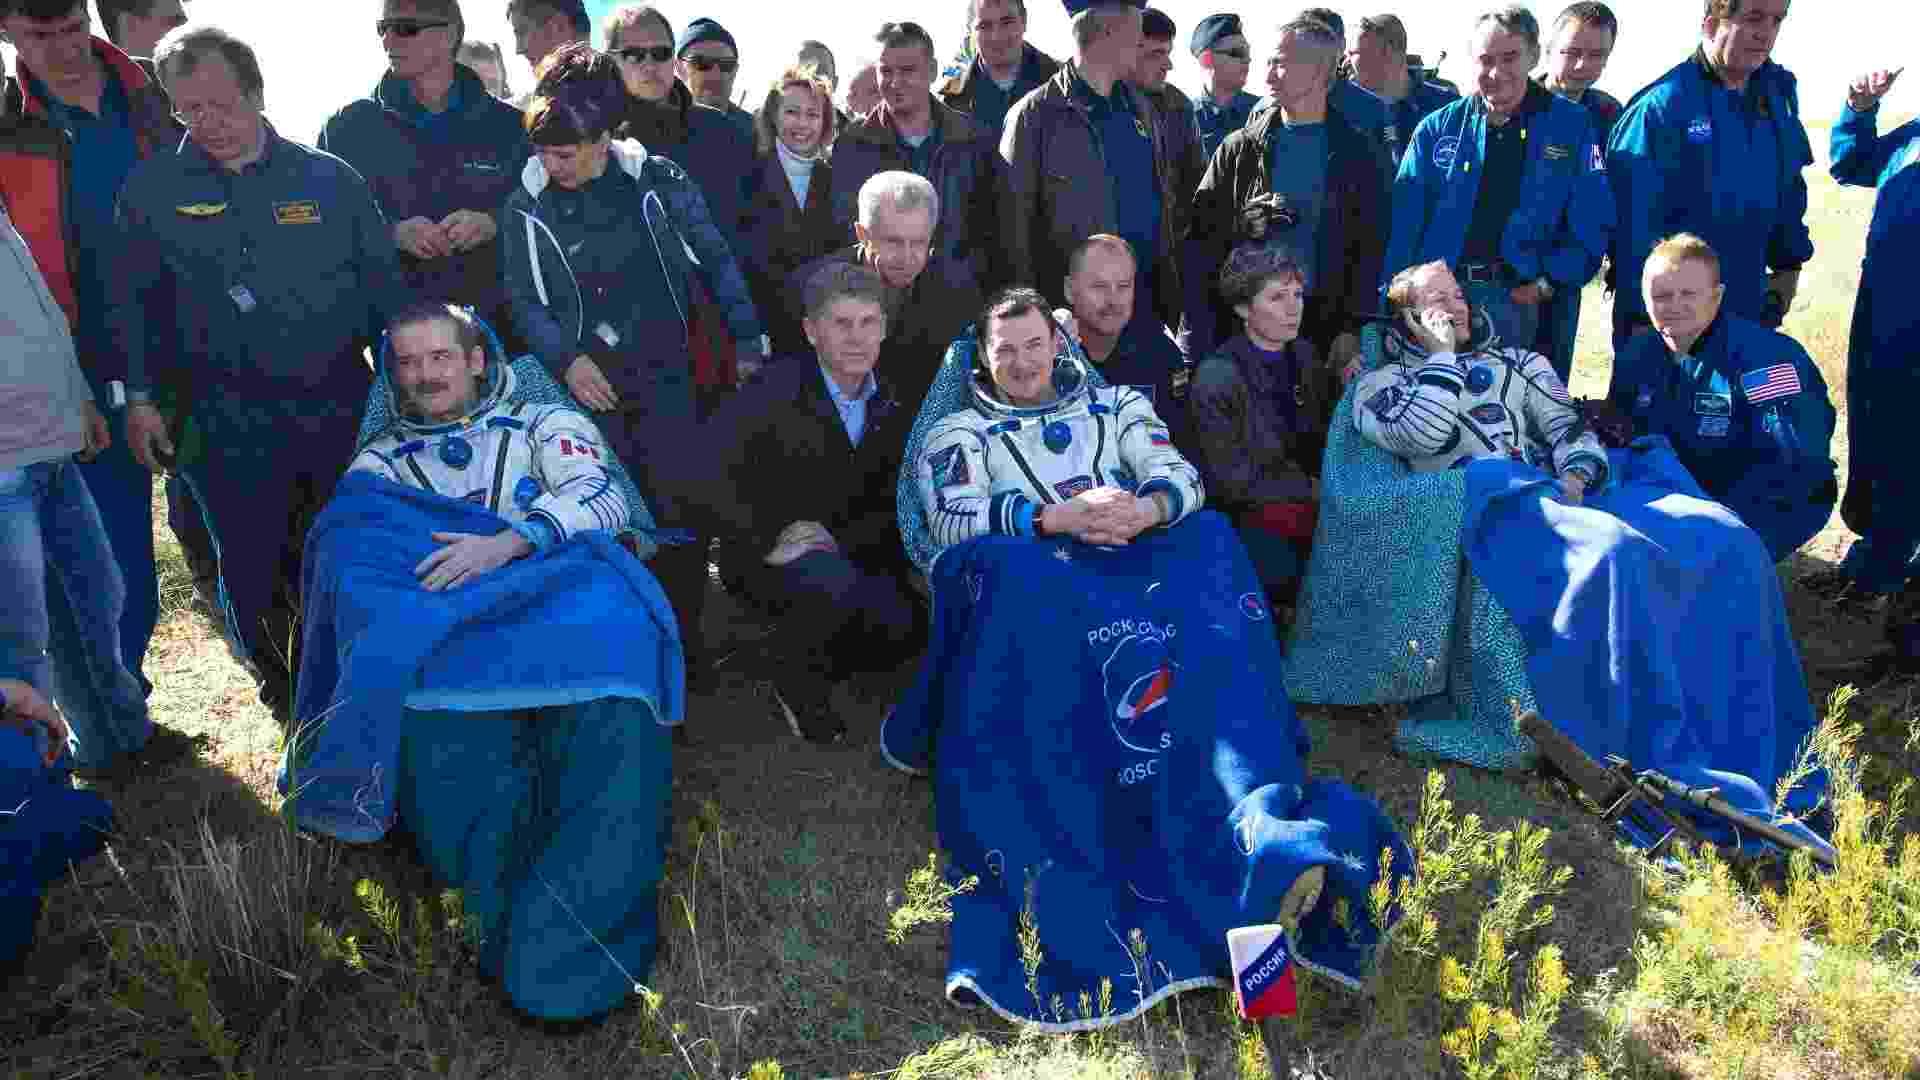 14.mai.2013 - O astronauta canadense Chris Hadfield (esq.), o norte-americano Tom Marshburn (dir.), e o cosmonauta russo Roman Romanenko (centro) descansam após deixarem a cápsula espacial russa Soyuz. O primeiro astronauta canadense a comandar uma missão na Estação Espacial Internacional trouxe a tripulação de volta à Terra, aterrissando a cerca de 150 km a sudeste da cidade de Zhezkazgan, no centro Cazaquistão, depois de passarem cinco meses no espaço - Carla Cioffi/Divulgação/Nasa/Reuters